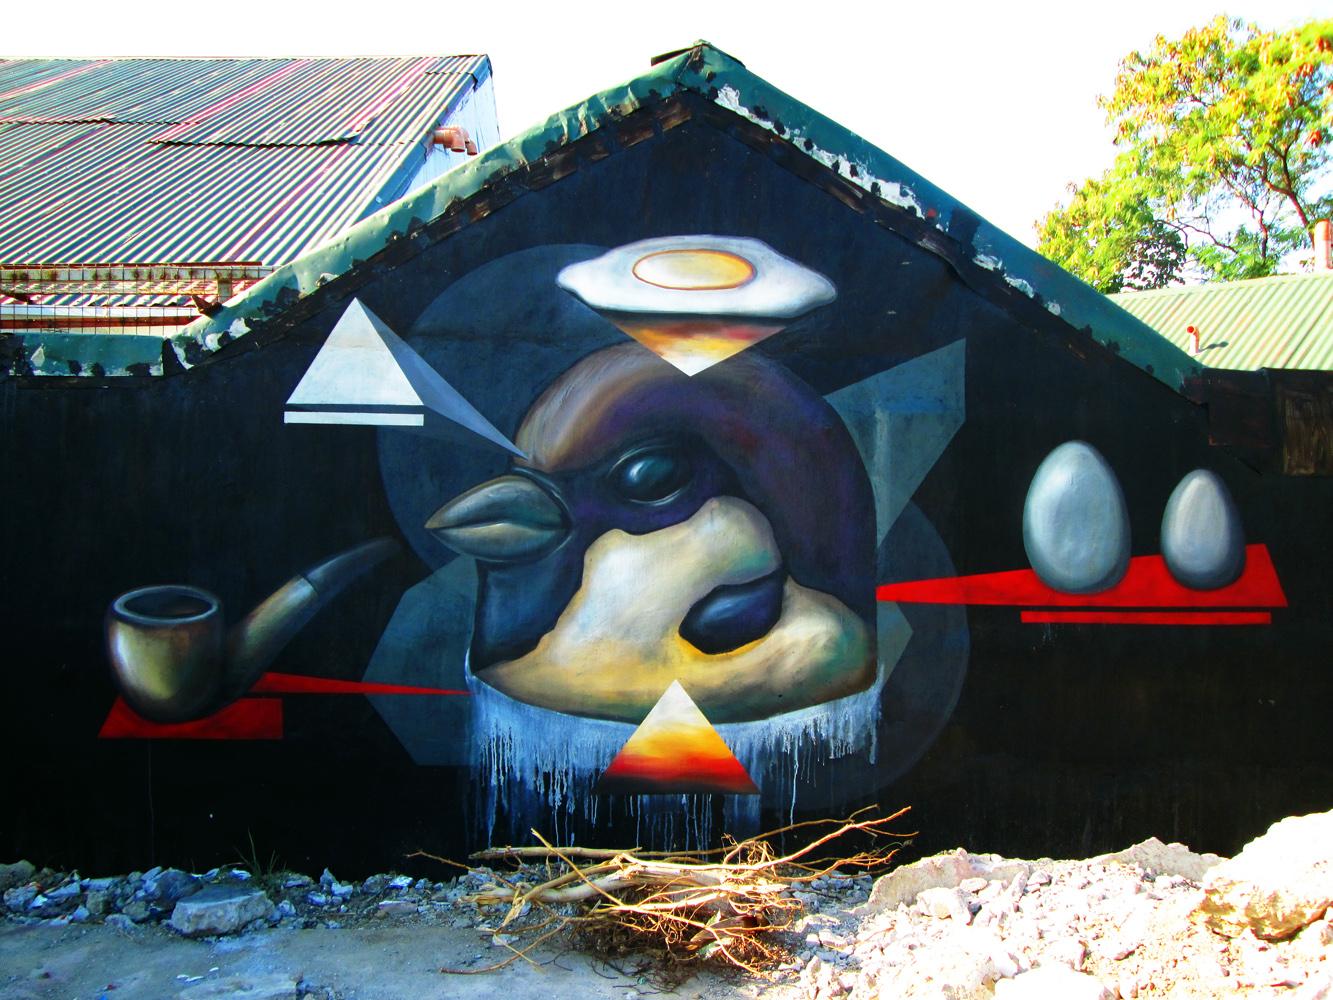 crist-espiritu-sparrow-2-0-new-mural-in-philippines-01